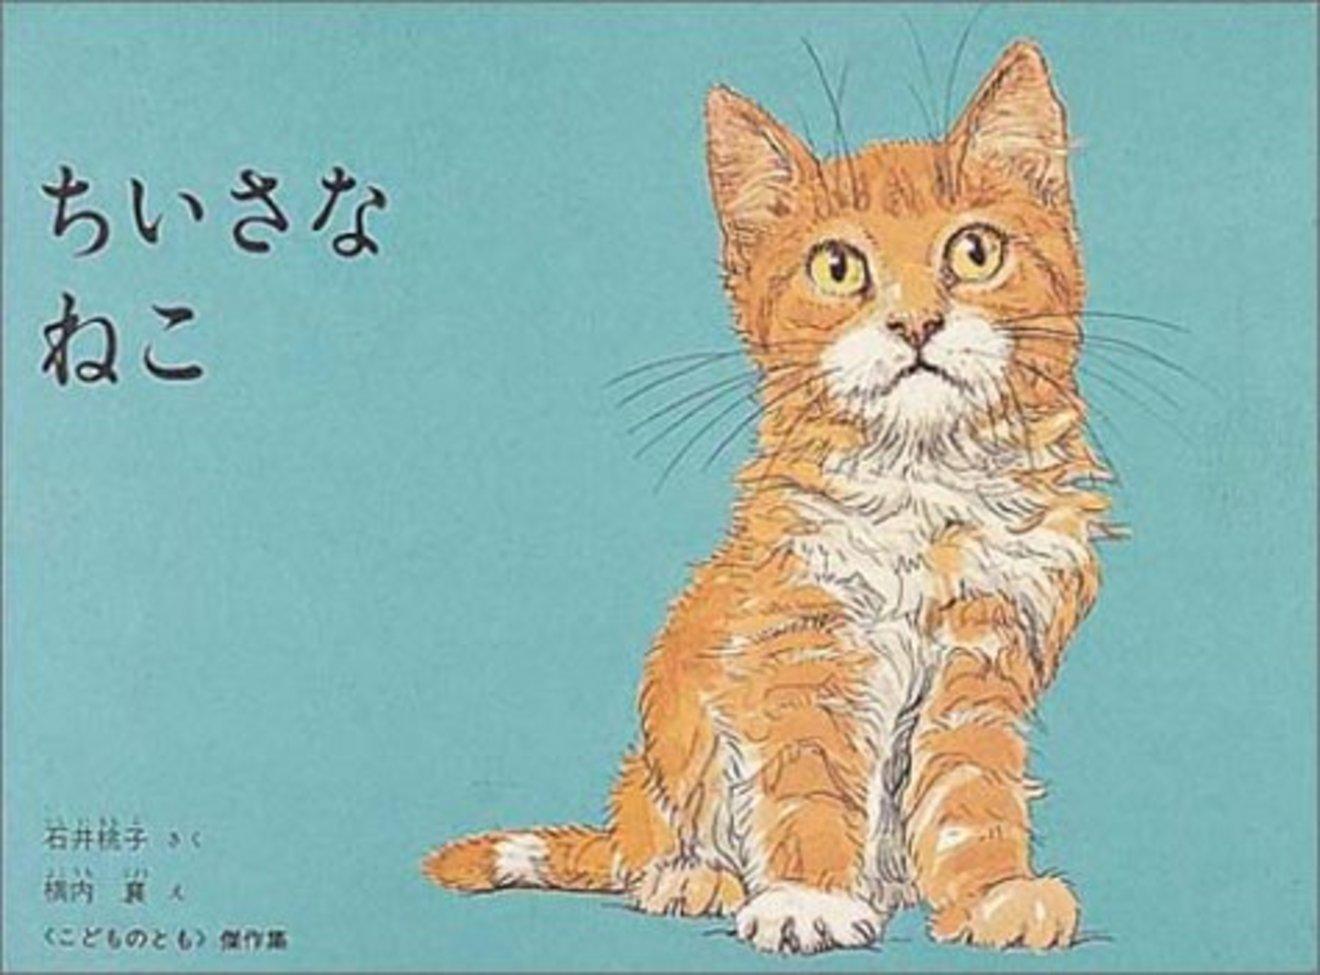 猫が好きな人におすすめの絵本5選!読めば癒されること間違いなし!